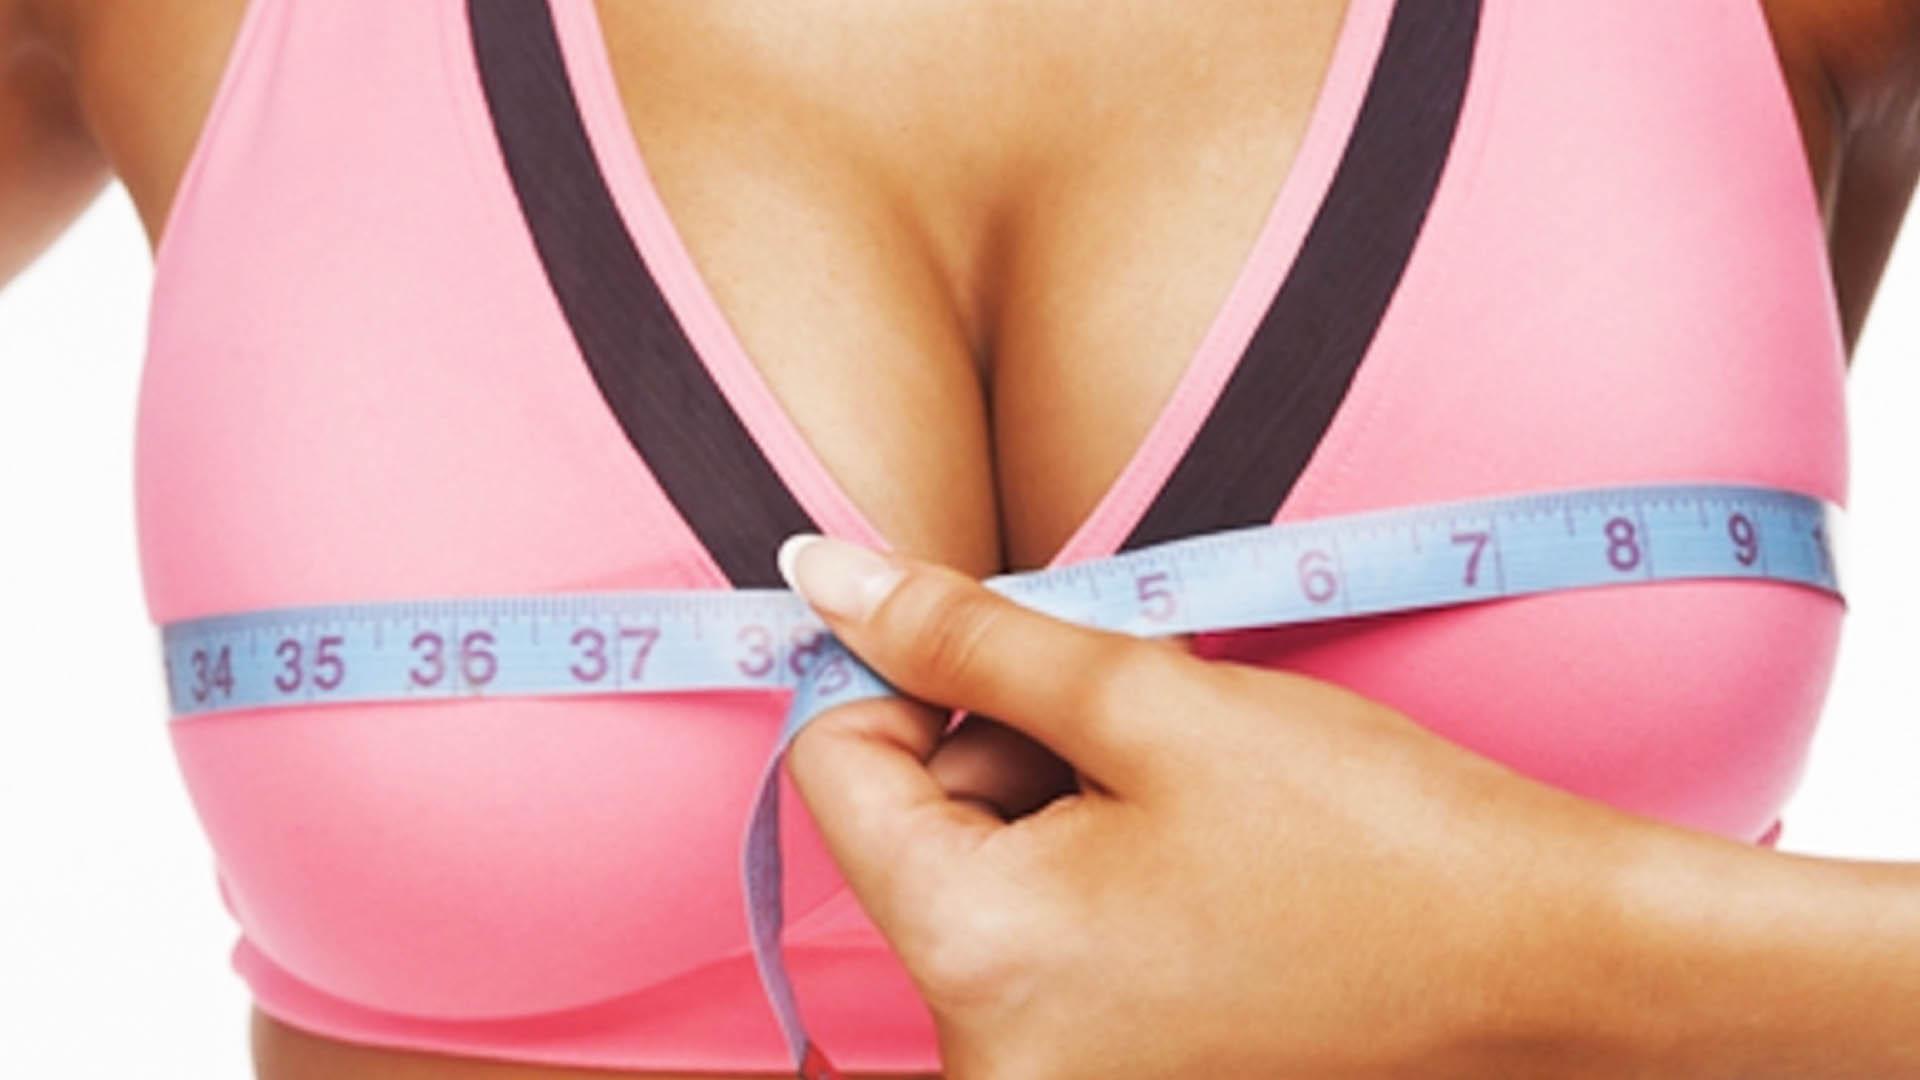 Вакуумное увеличение груди — отзывы, фото